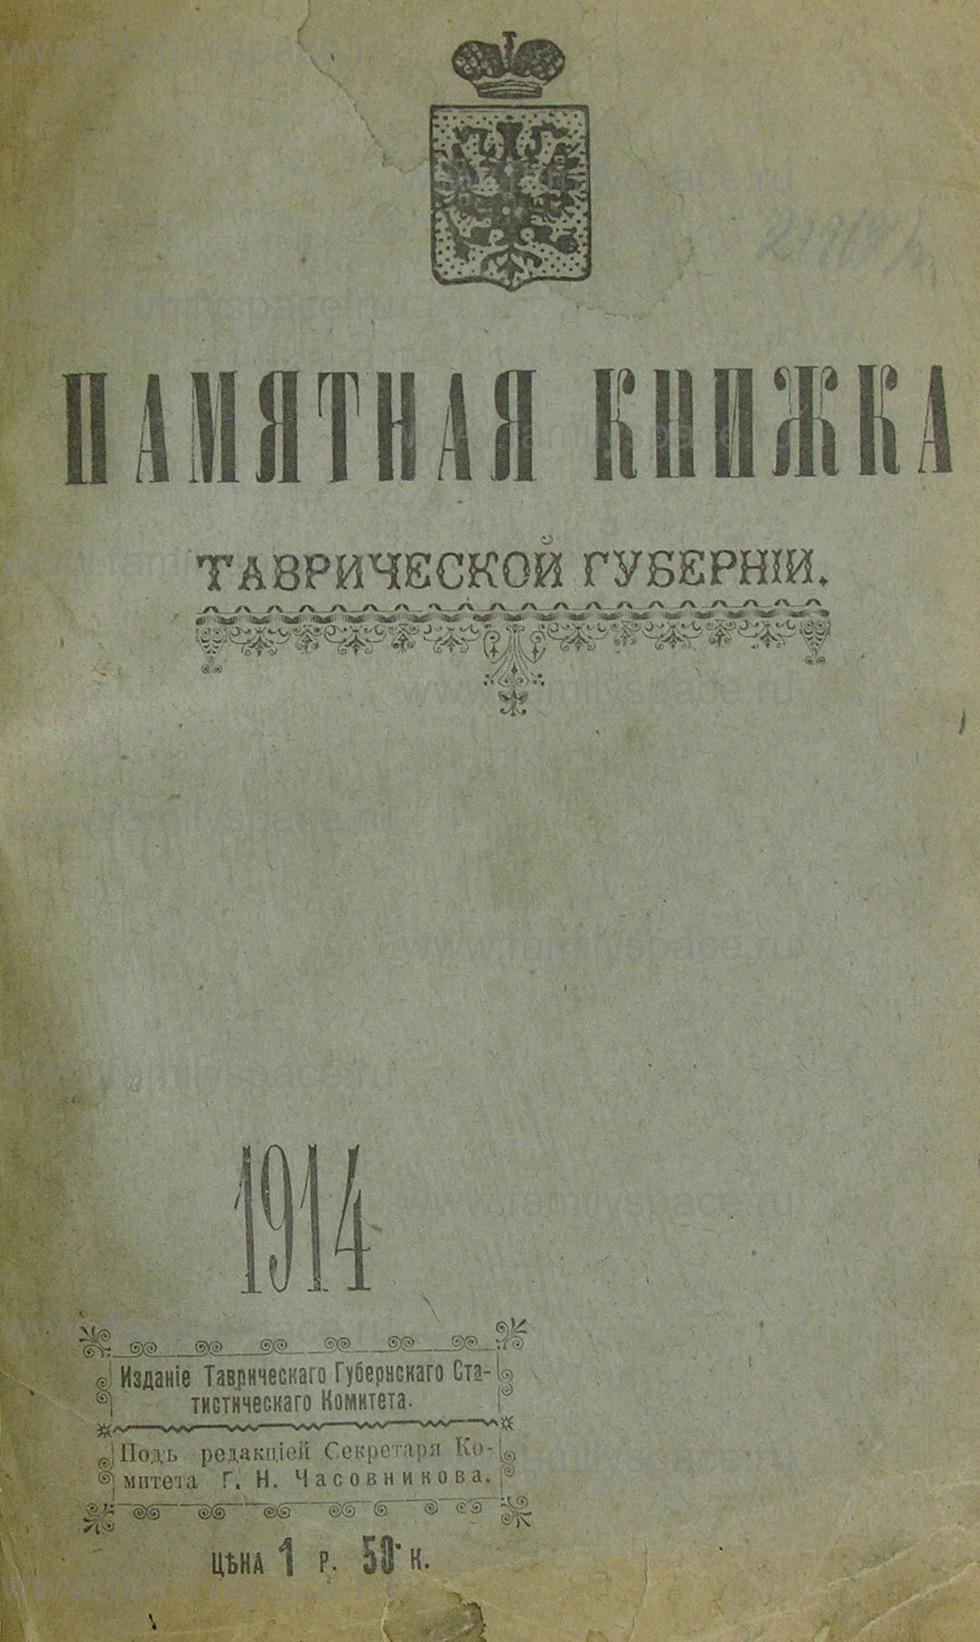 Поиск по фамилии - Памятная книжка Таврической губернии. 1914 год, страница -6